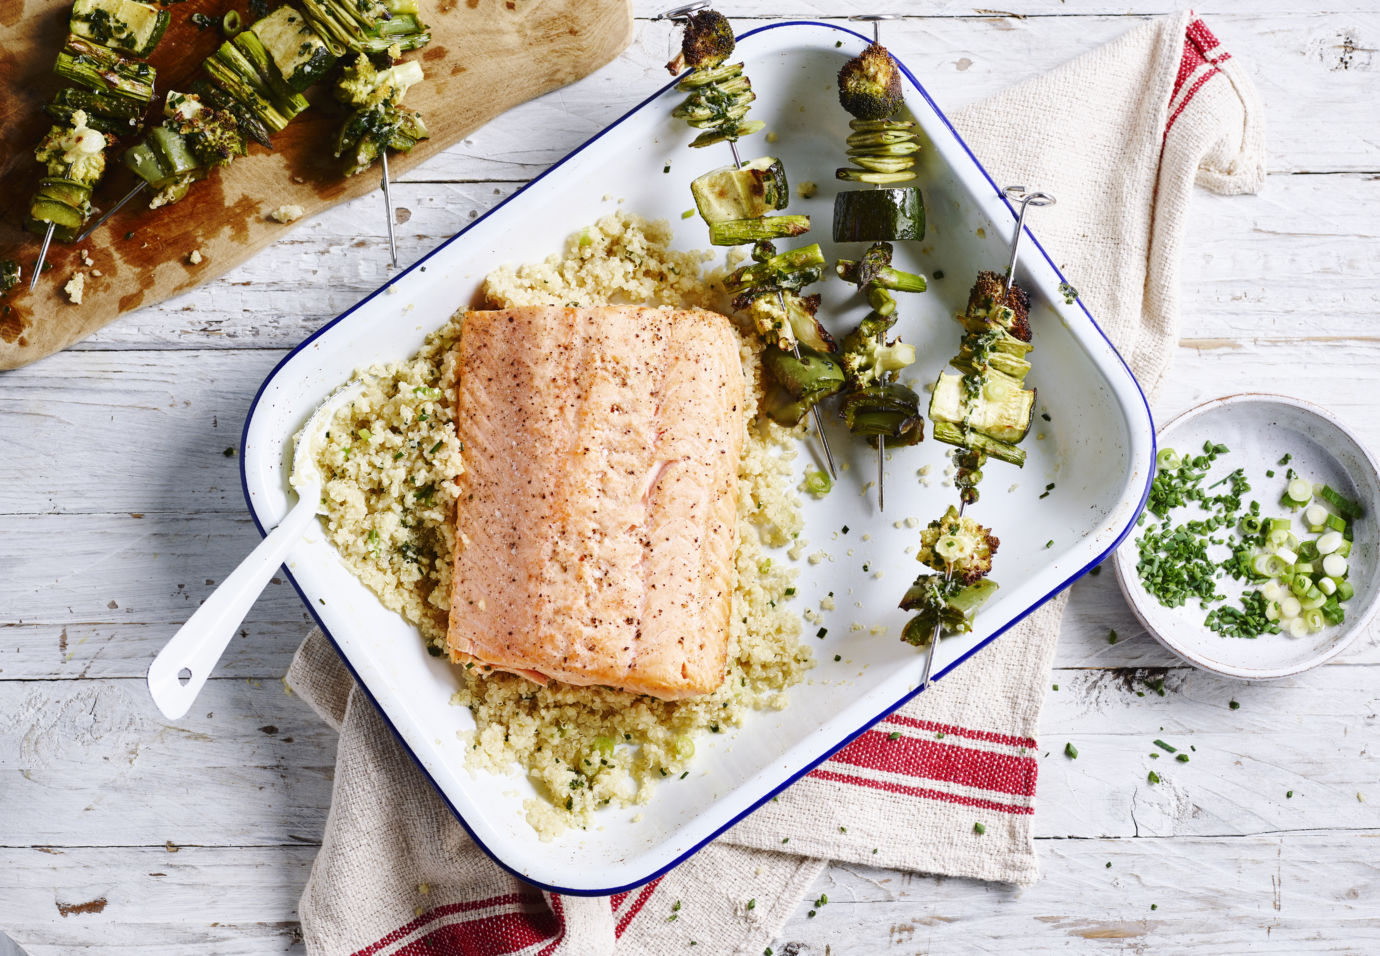 Sofie Dumont Philips Quinoa met groente spiesjes, gebakken zalm en citroengras vinaigrette